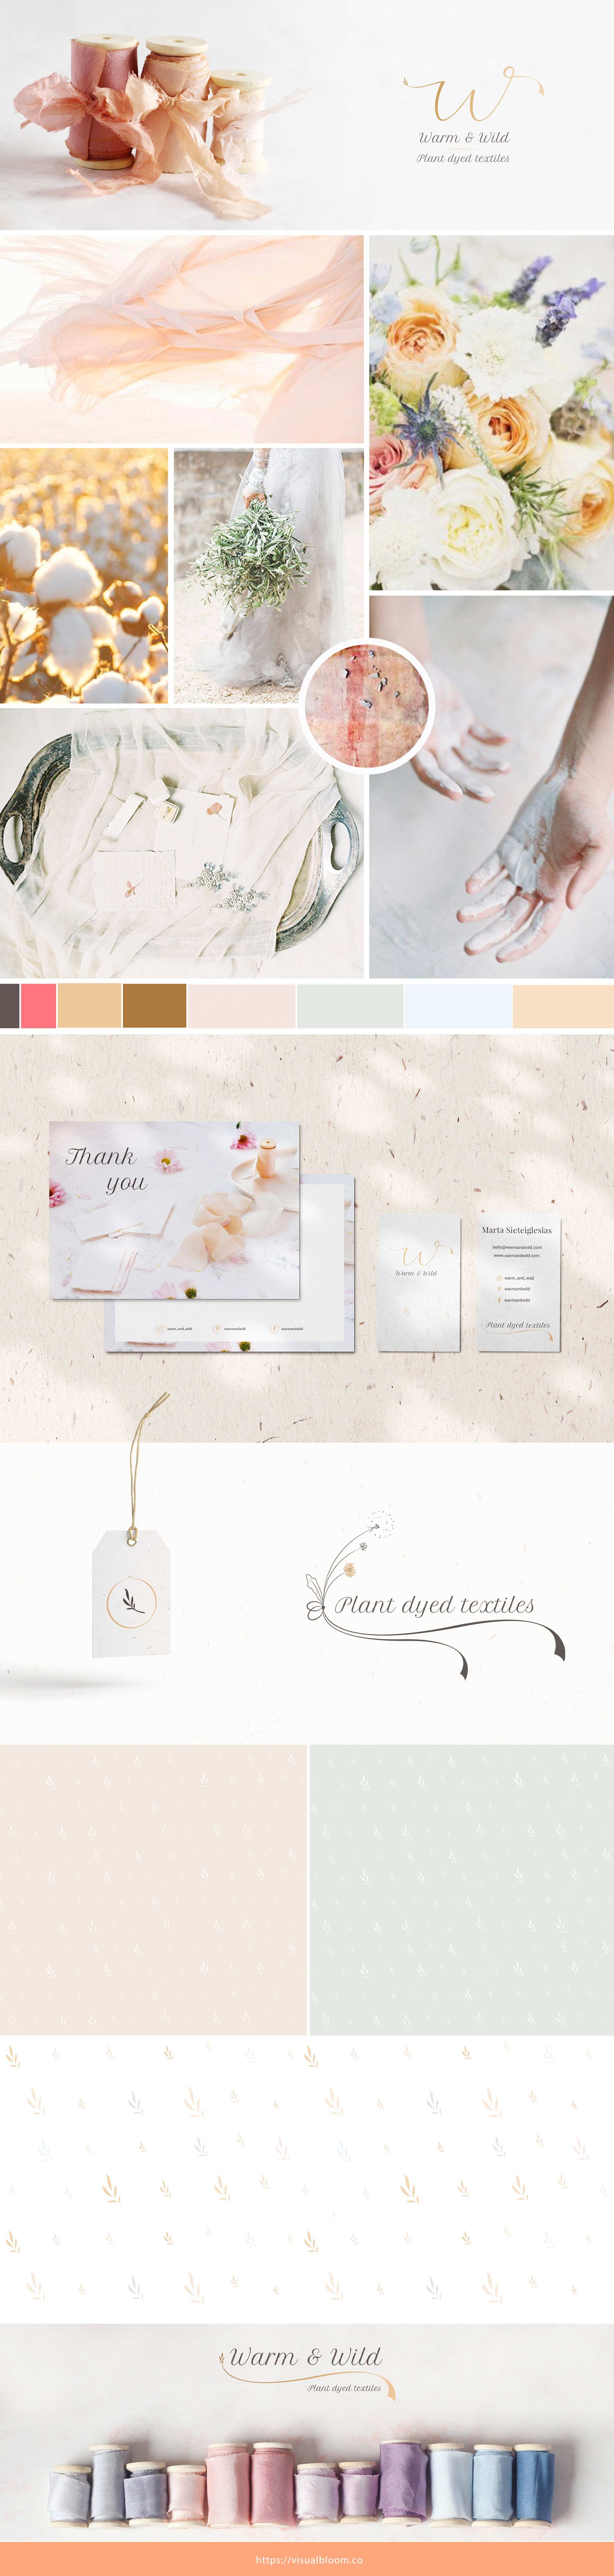 Muestra de la identidad visual diseñada para Warm & Wild, marca slow española de tintes naturales.